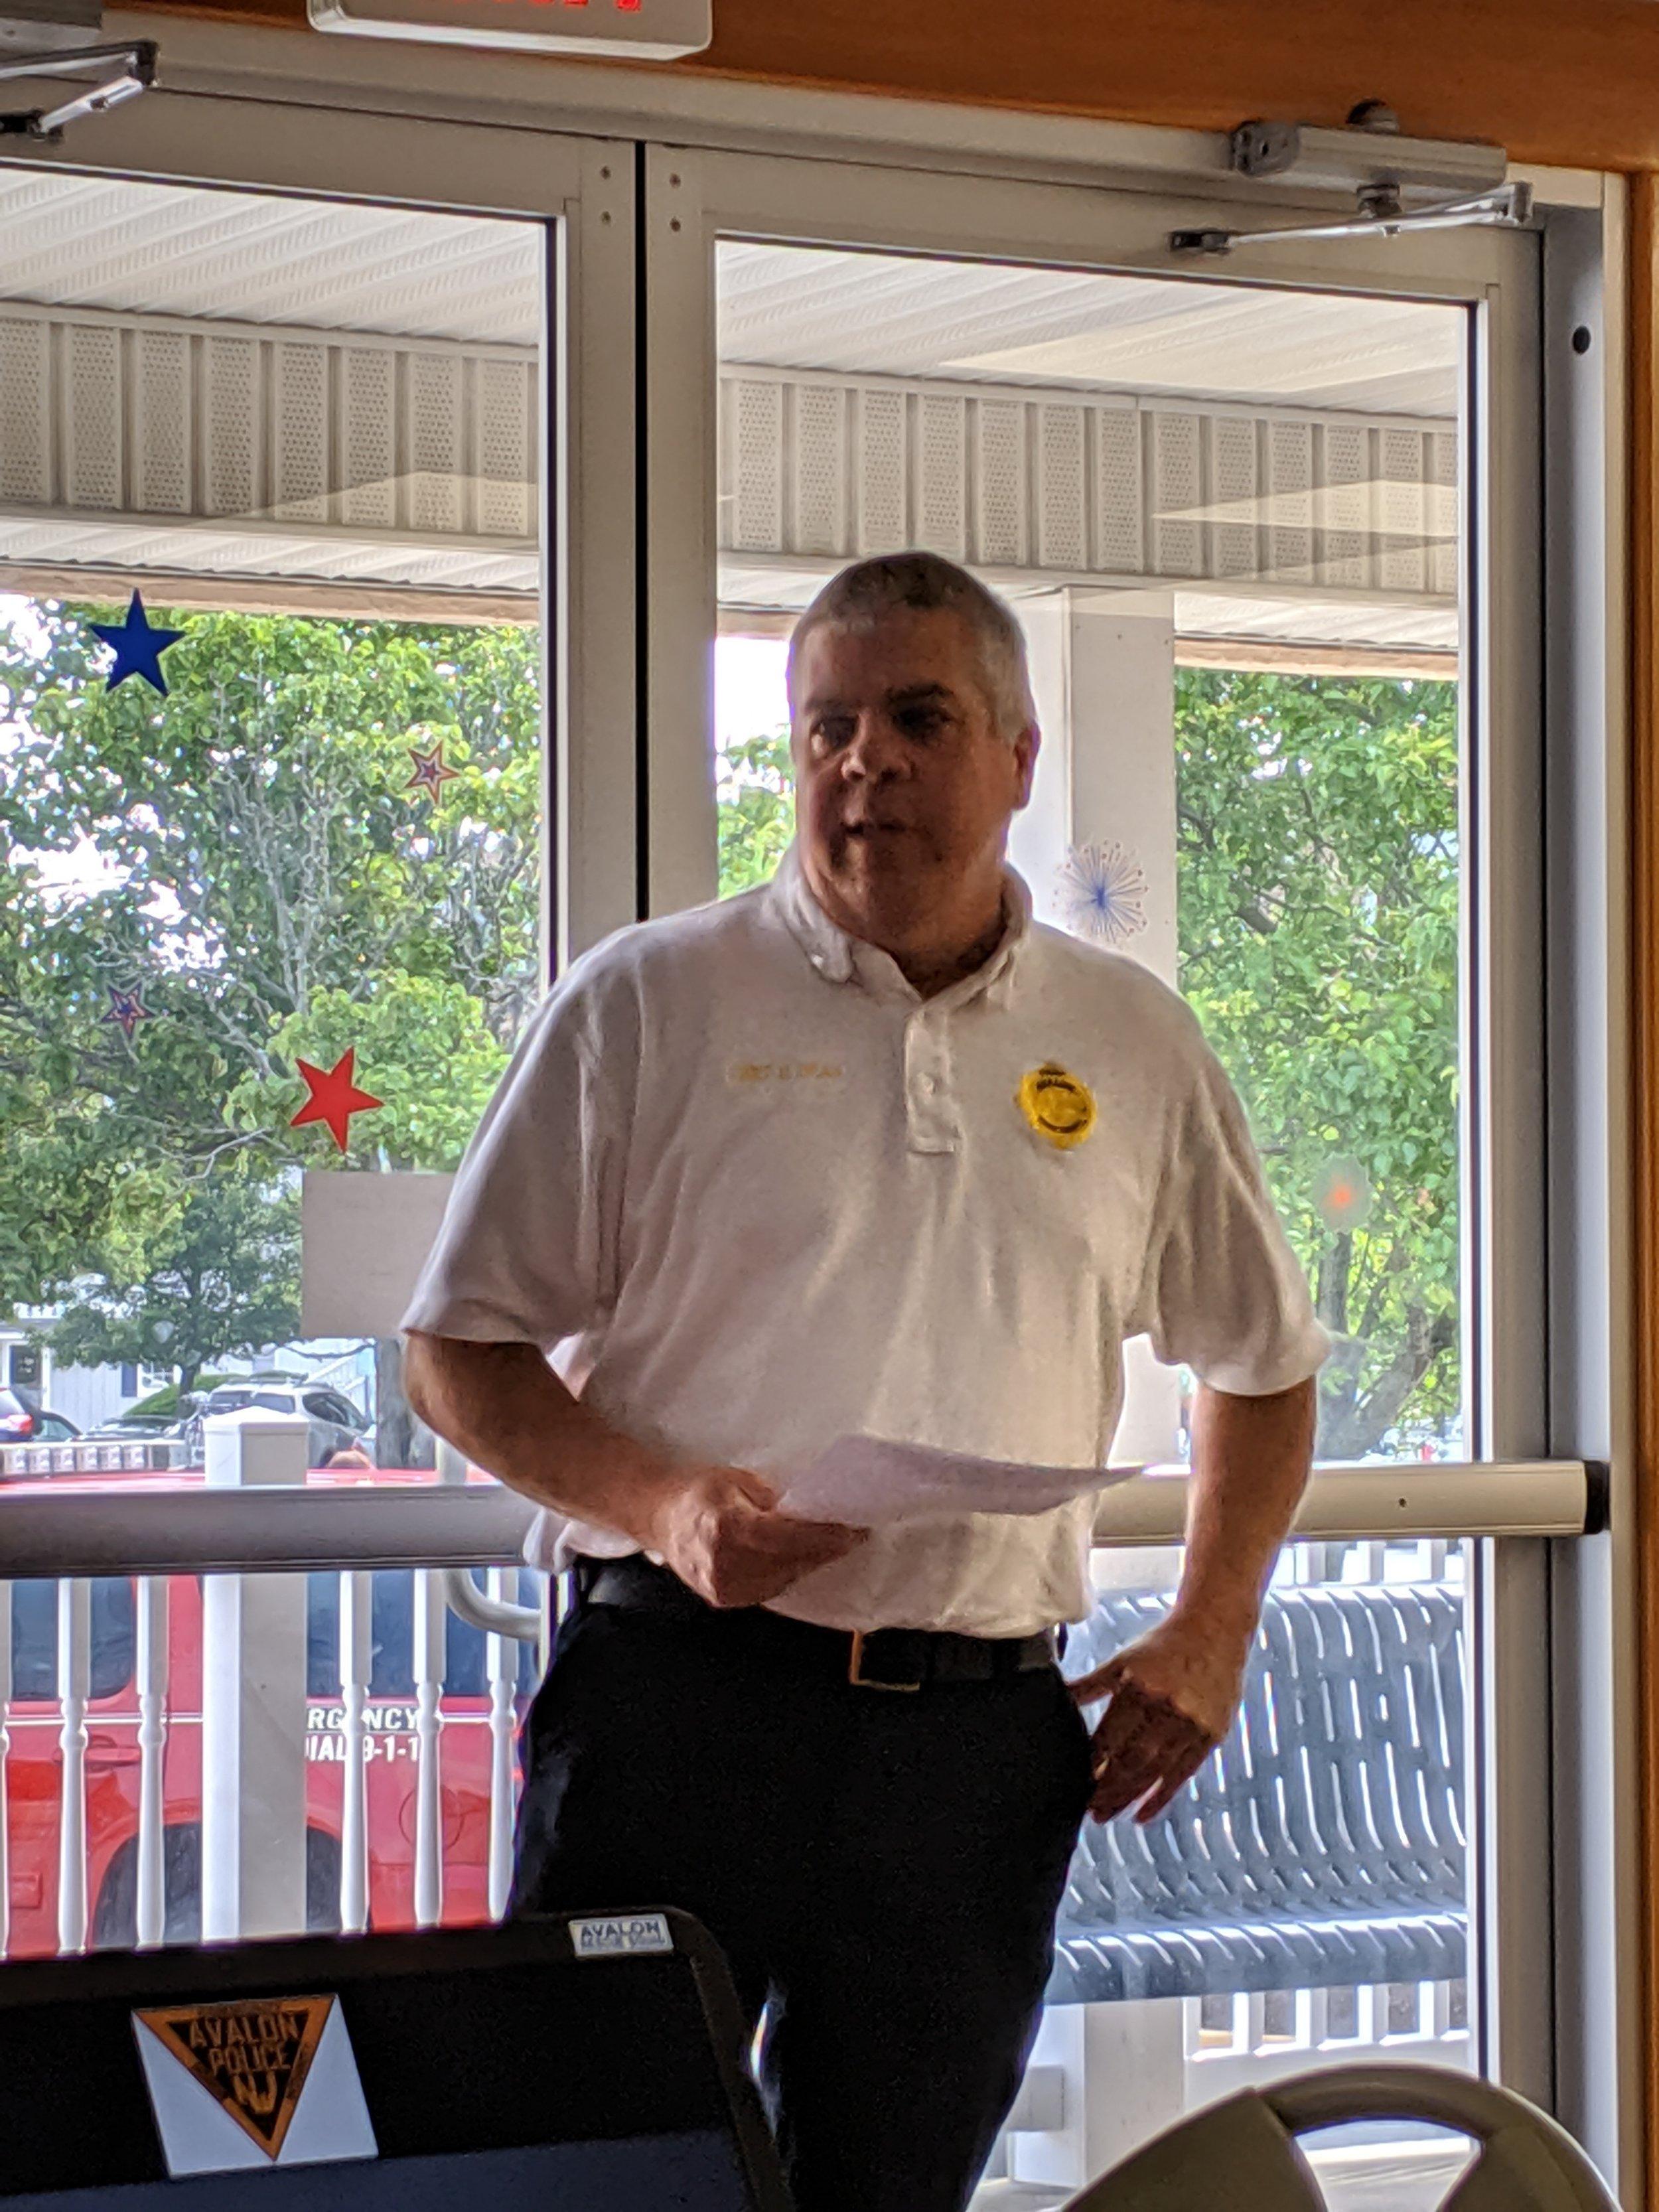 Chief Ed Dean, Avalon Fire Department